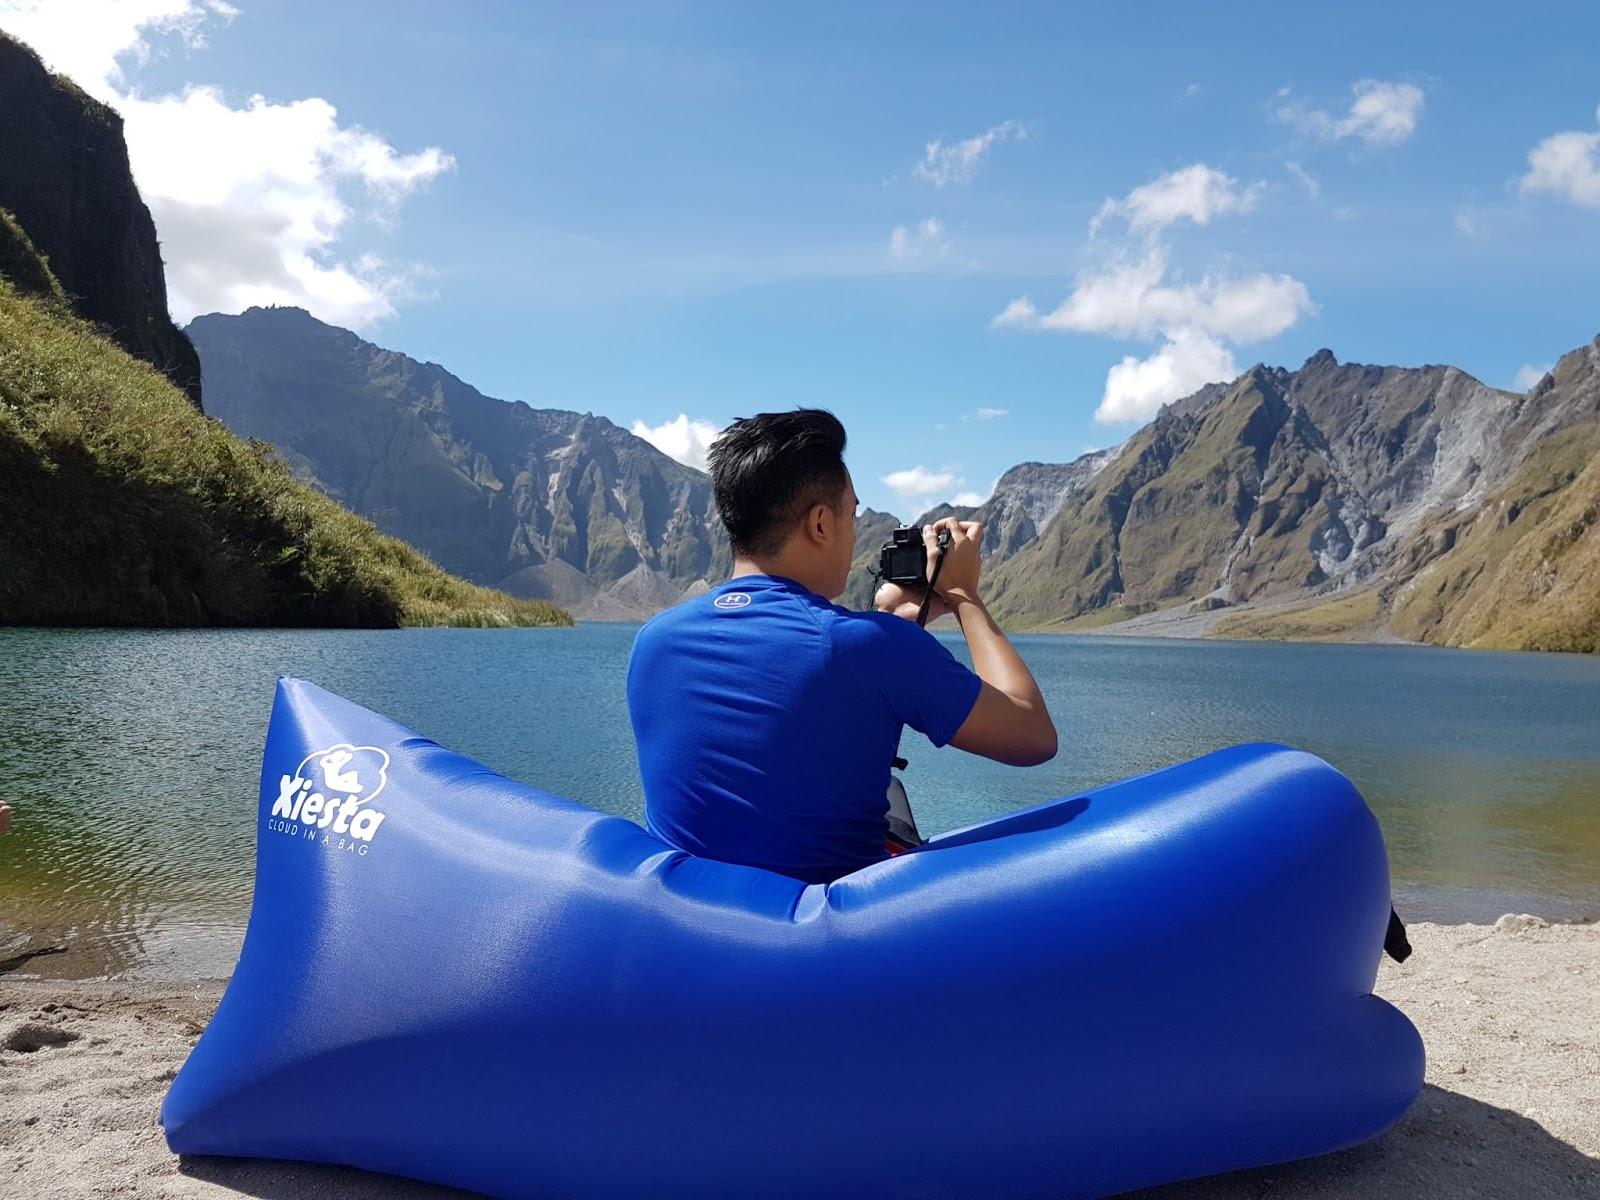 Mt. Pinatubo Crater Lake Tripoint Area of Pampanga, Tarlac and Zambales